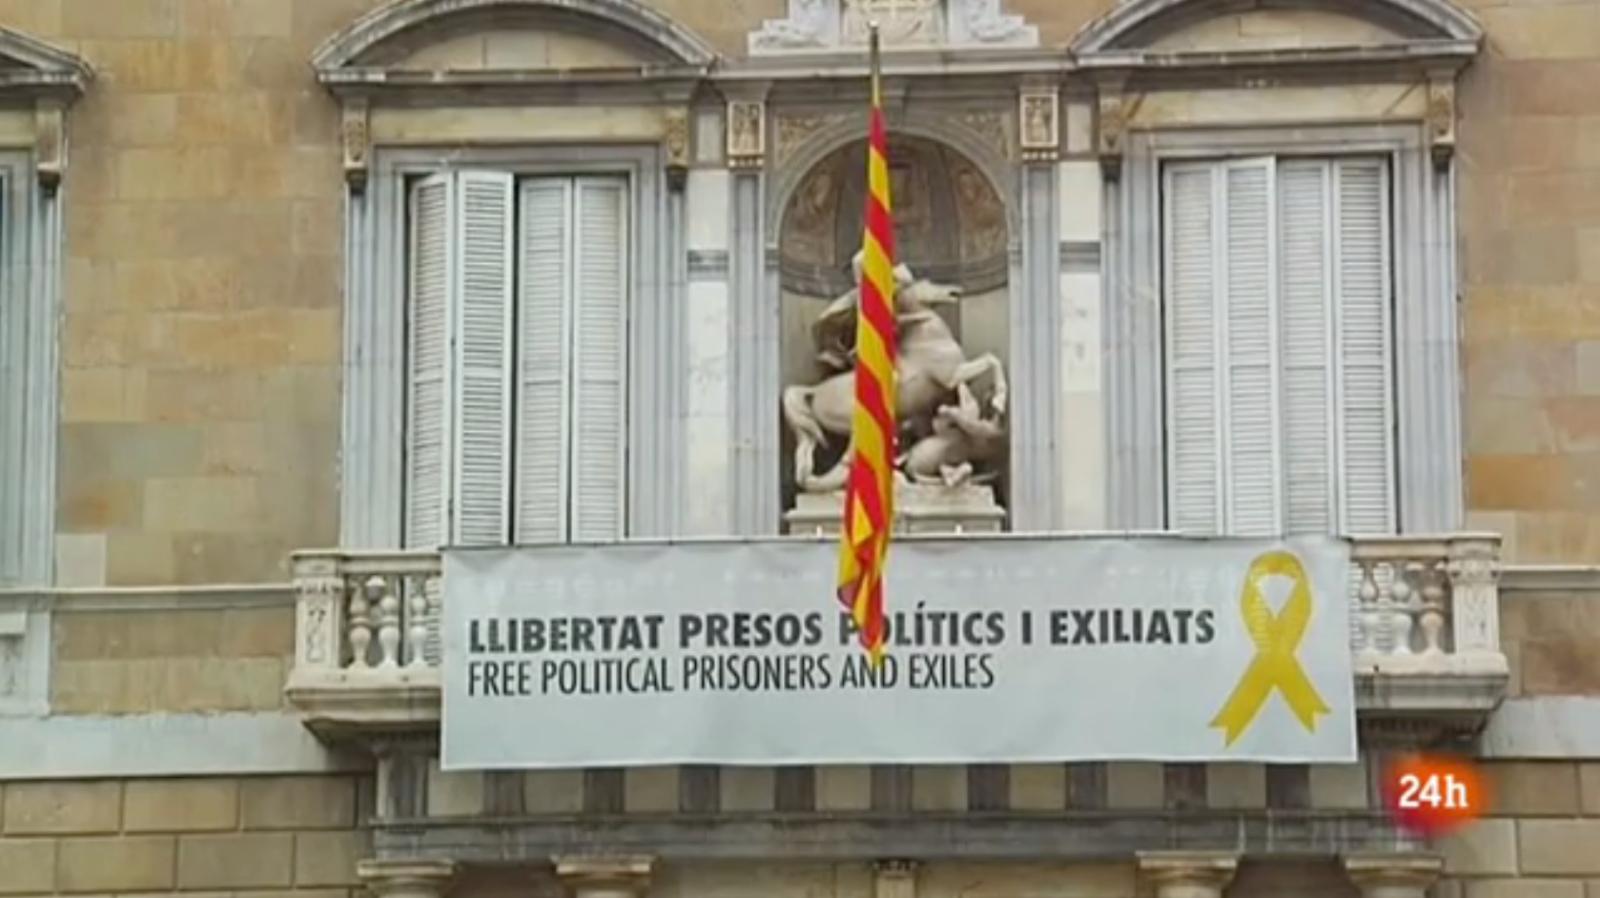 Vídeo sobre l'anàlisi del judici del procés i la polèmica amb els llaços grocs al Vespre 24 del 13/03/2019